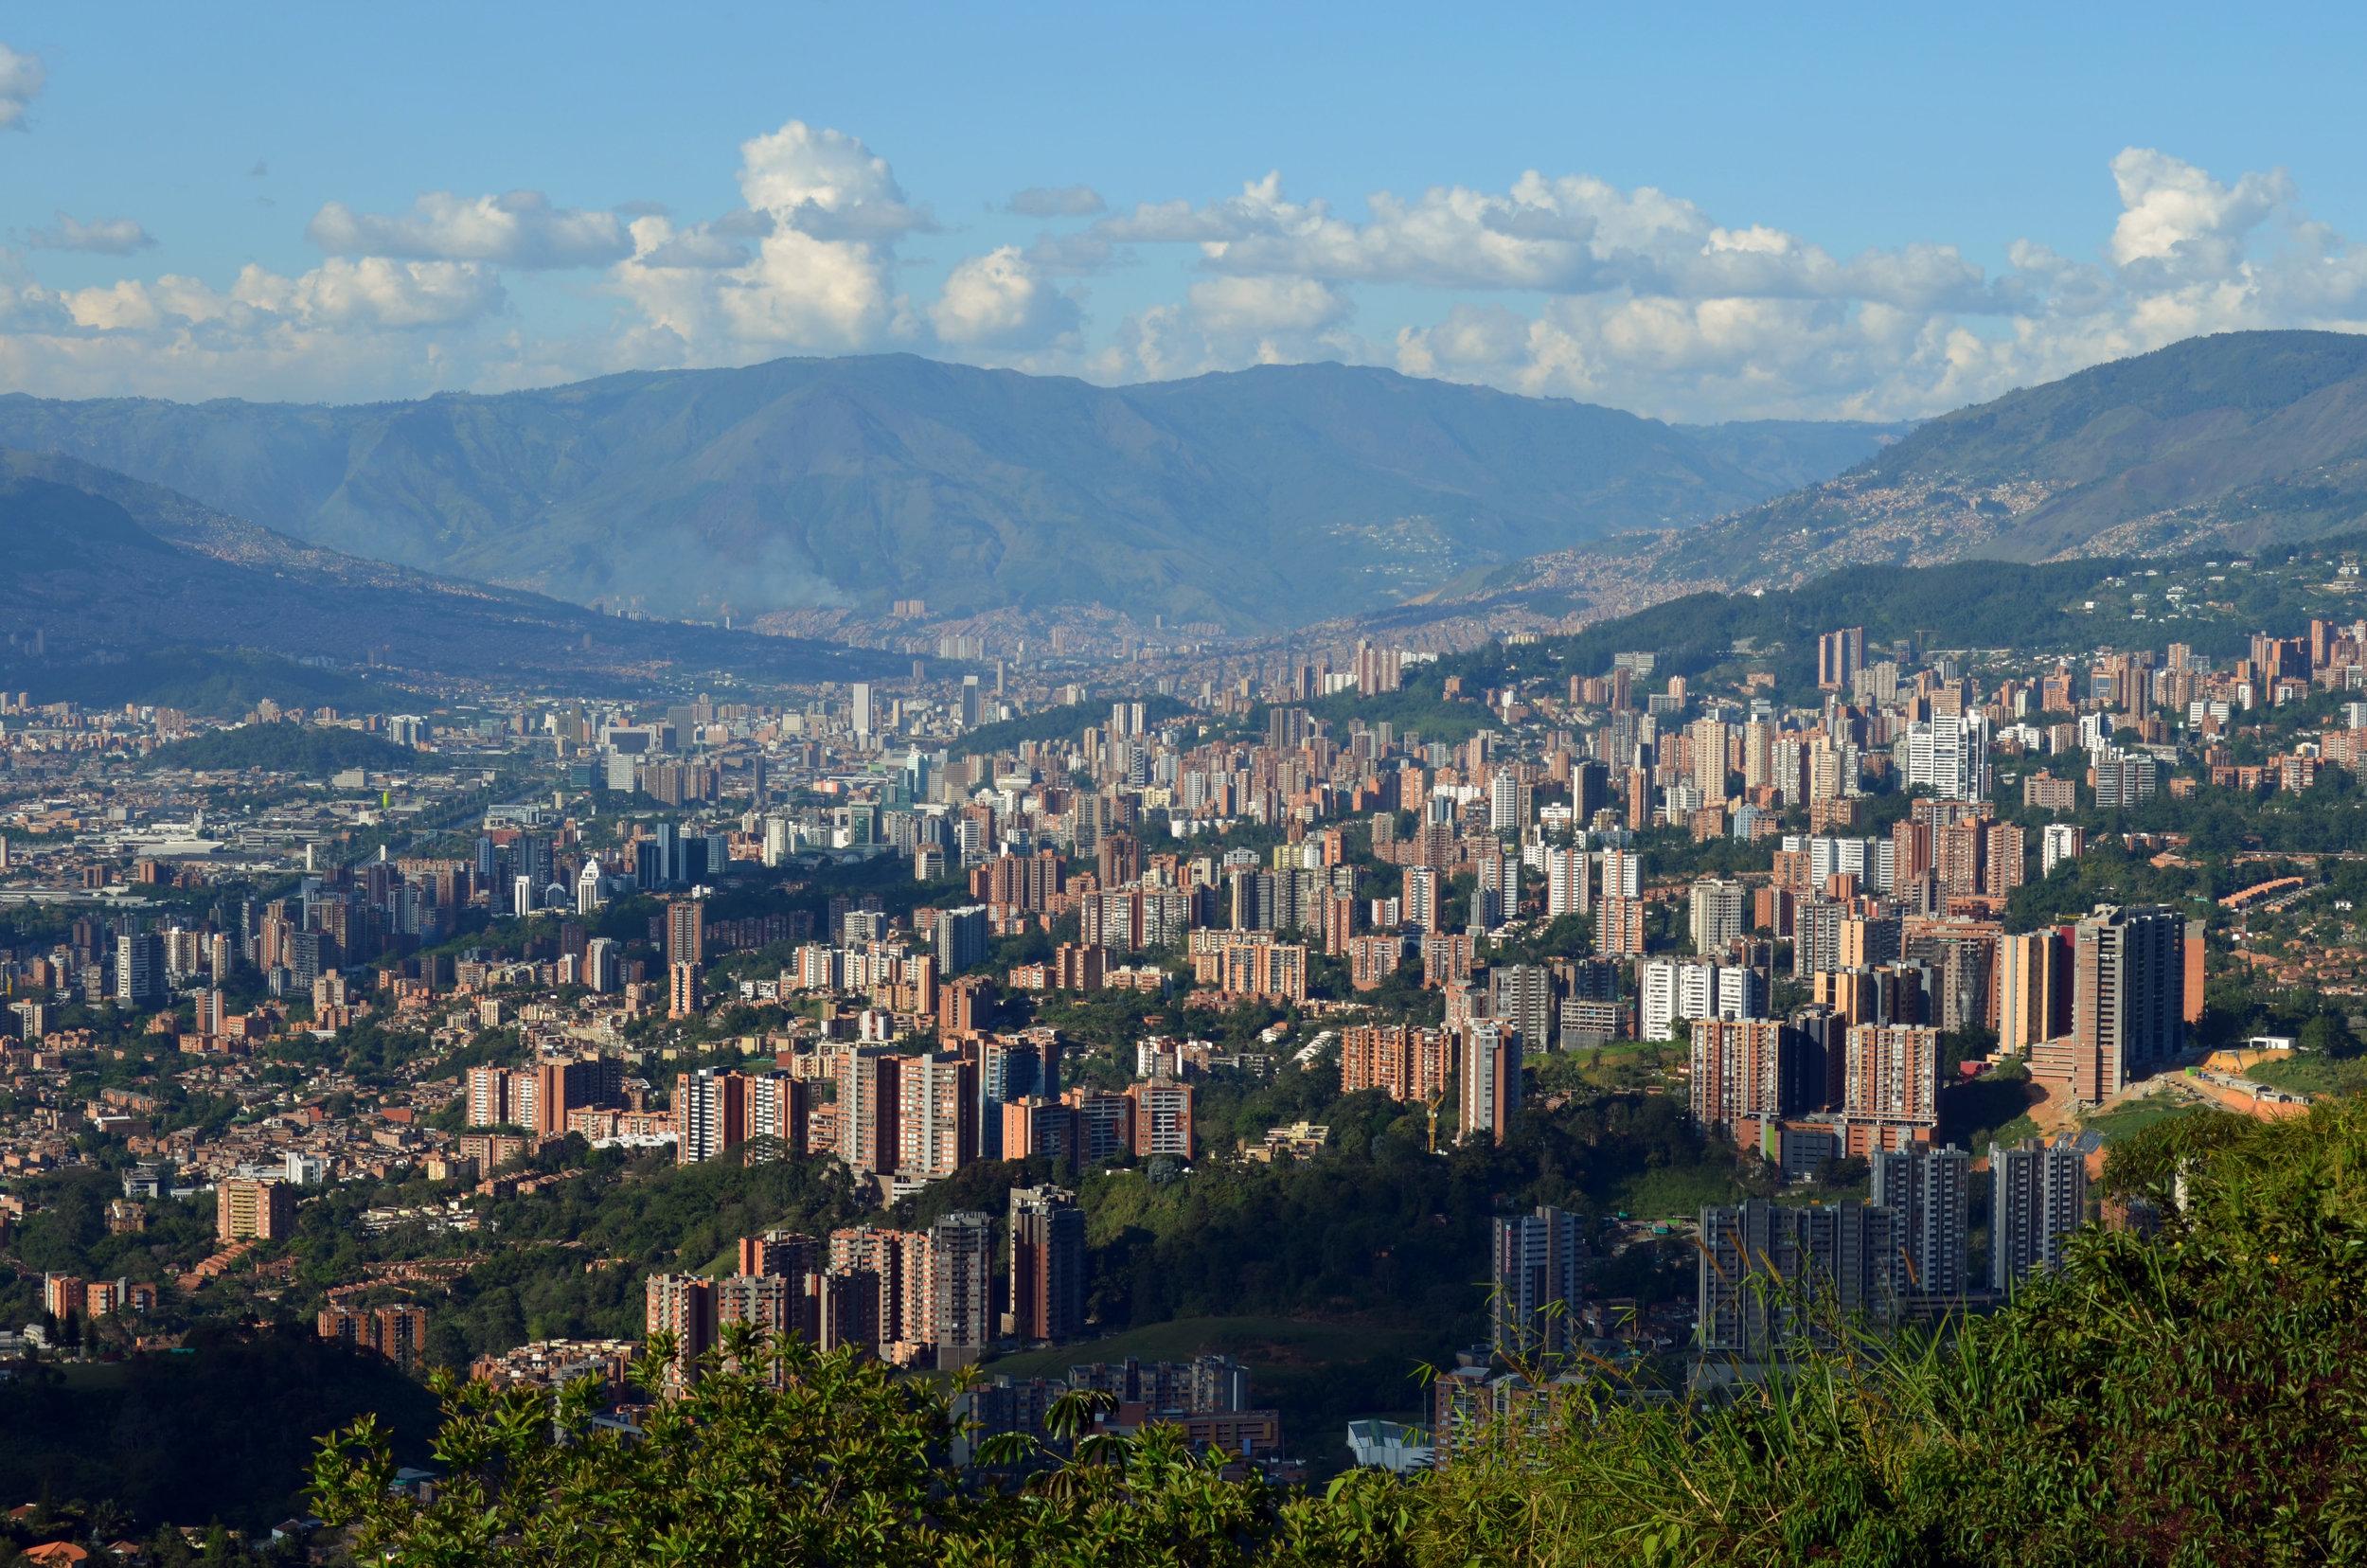 Medellín, Envigado, and the Valle de Aburrá